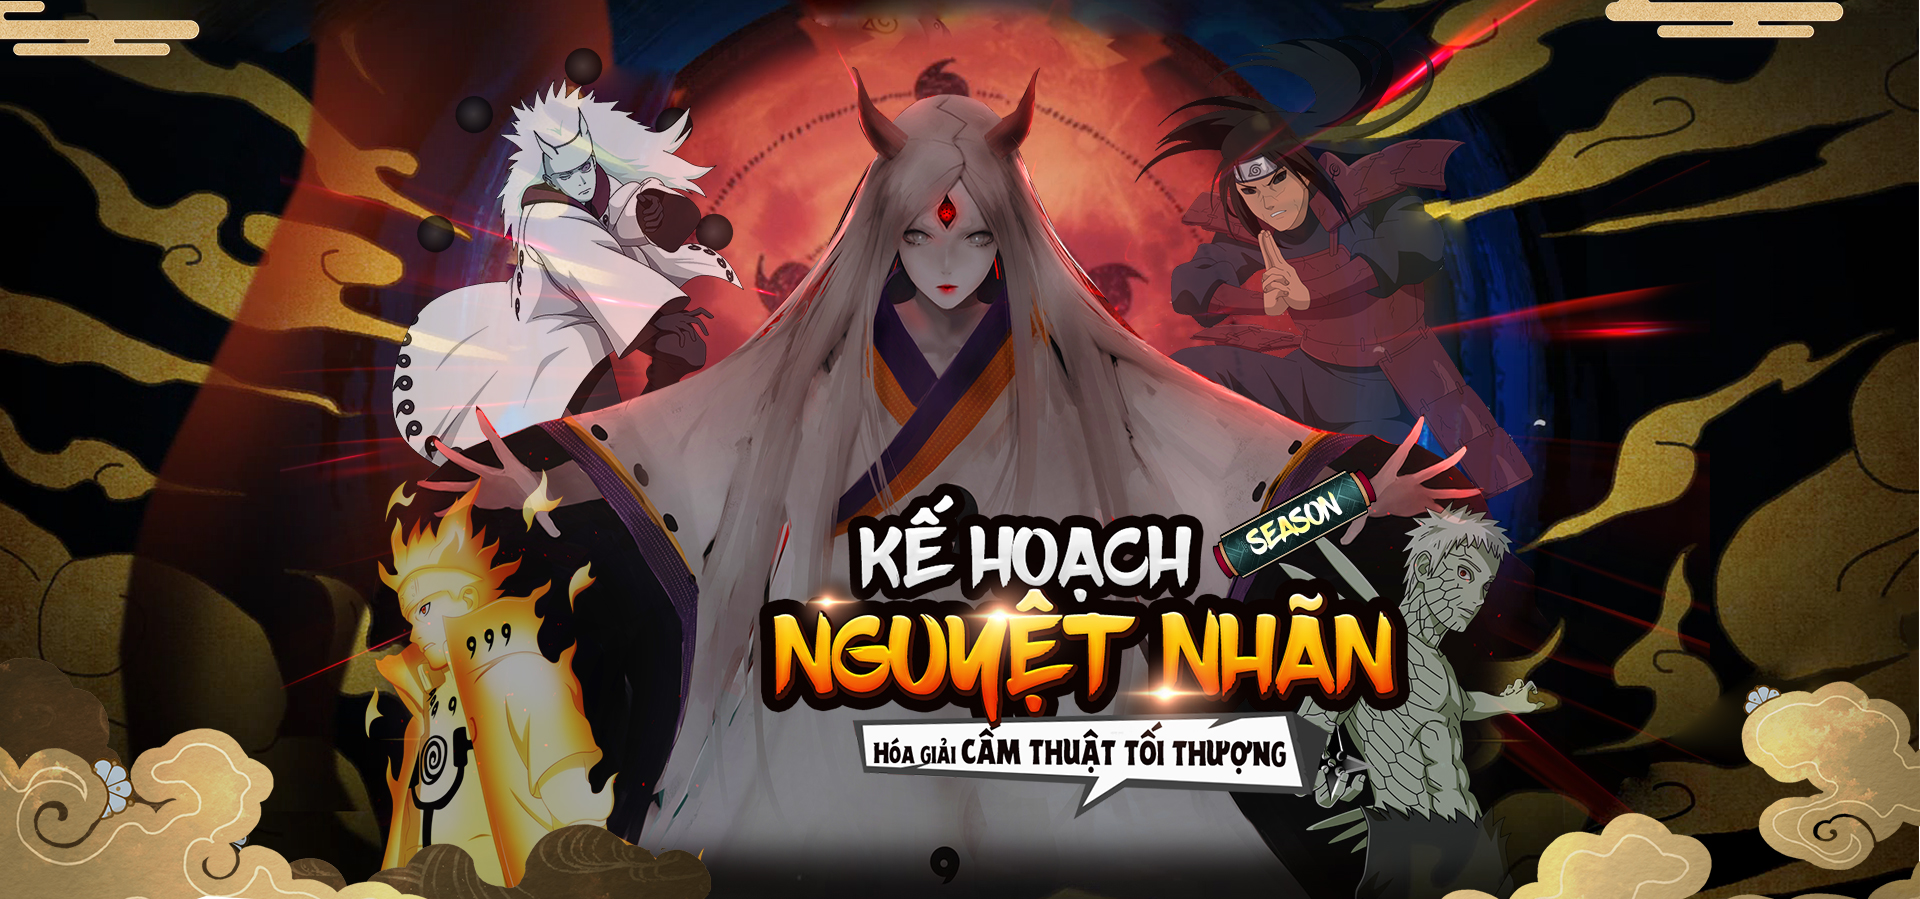 lang-la-phieu-luu-ky-season-ke-hoach-nguyet-nhan